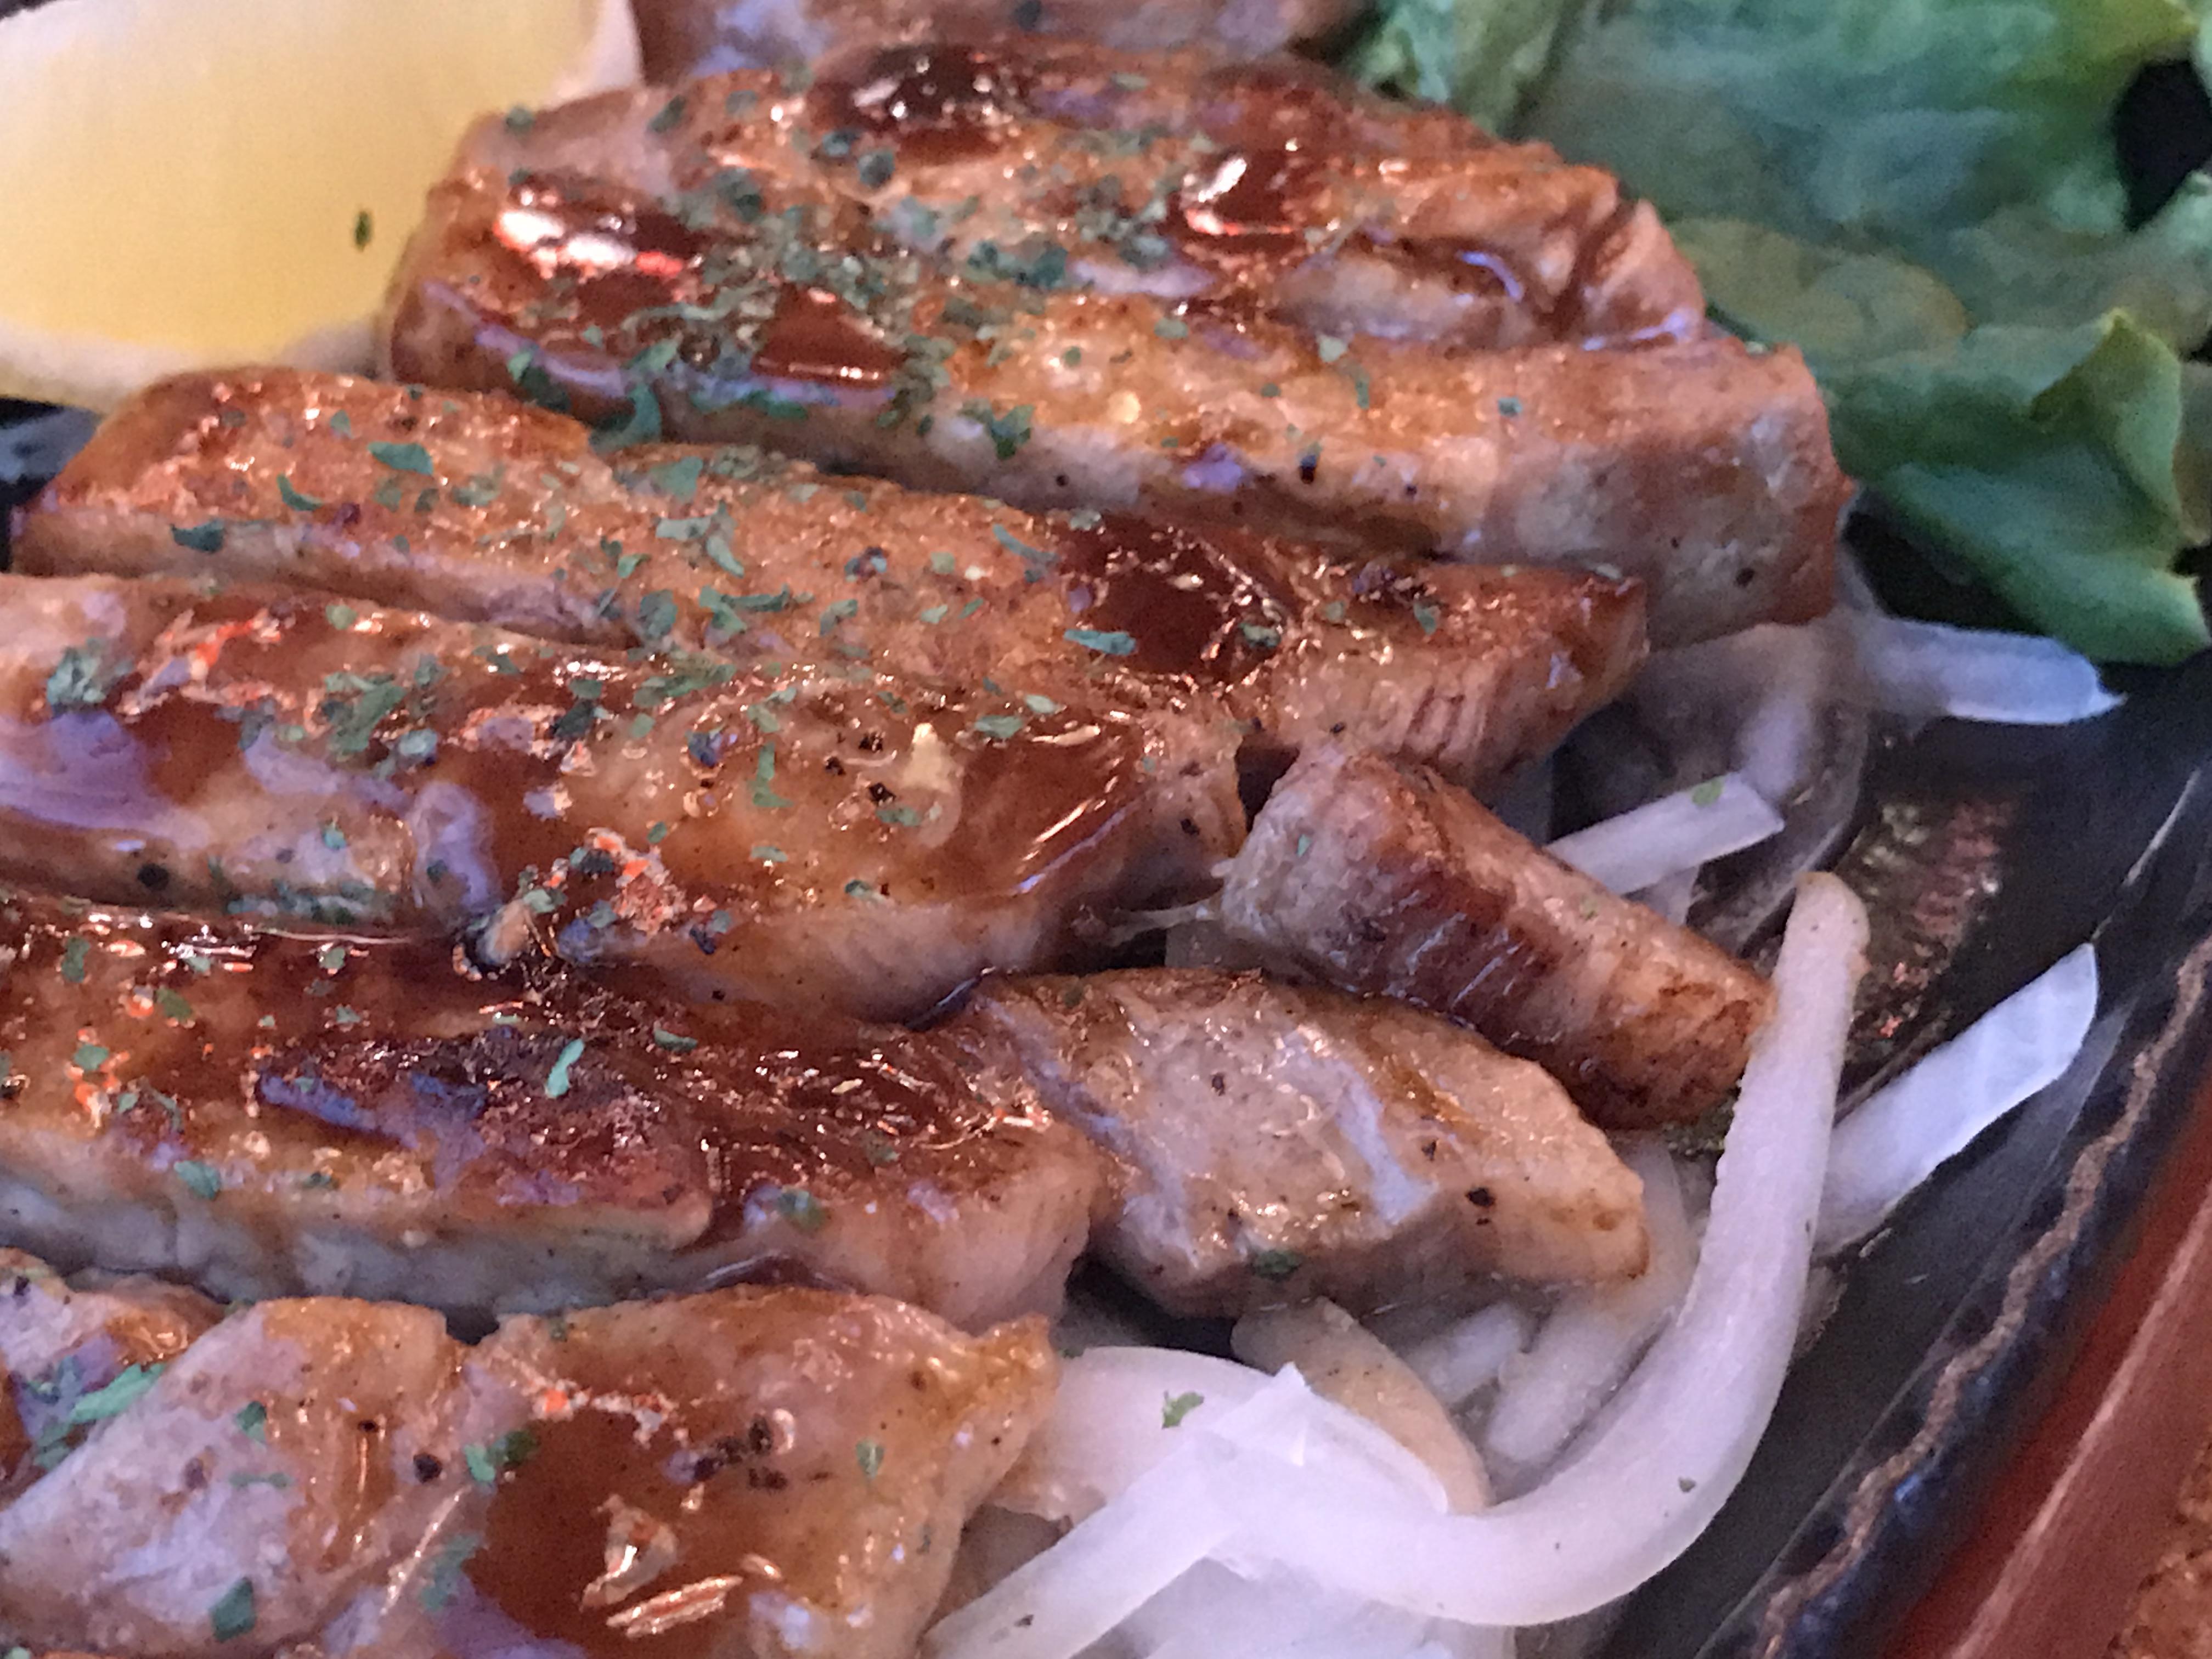 沖縄あぐーを神奈川で食べられる店ポークマン茅ヶ崎